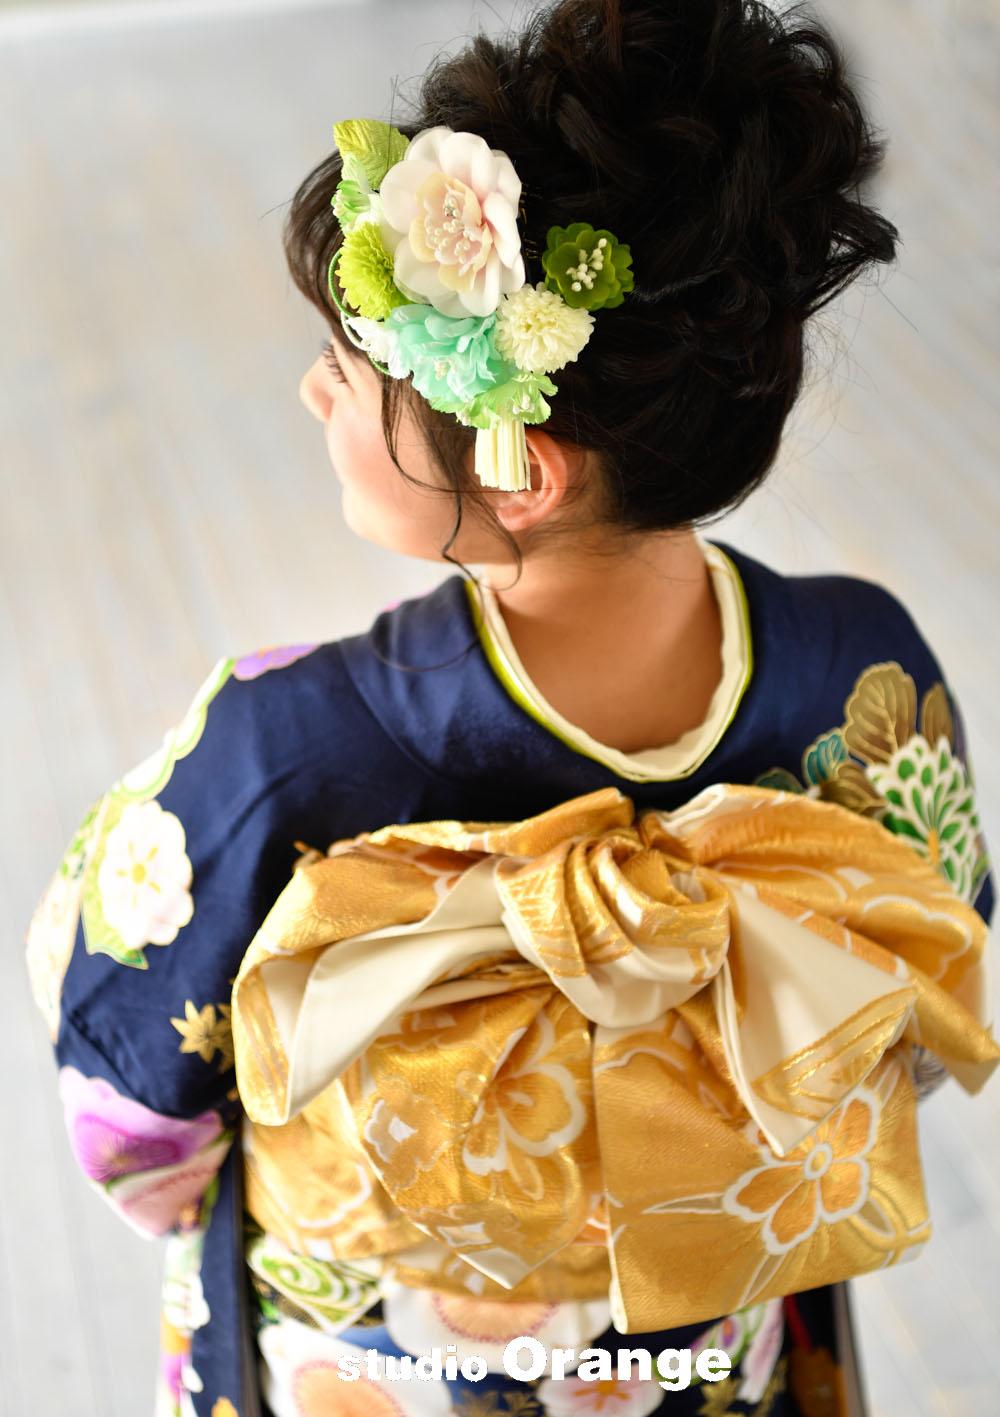 奈良市 レンタル振袖 成人式 成人式前撮り 成人式後撮り 紺色の振袖 ネイビーの振袖